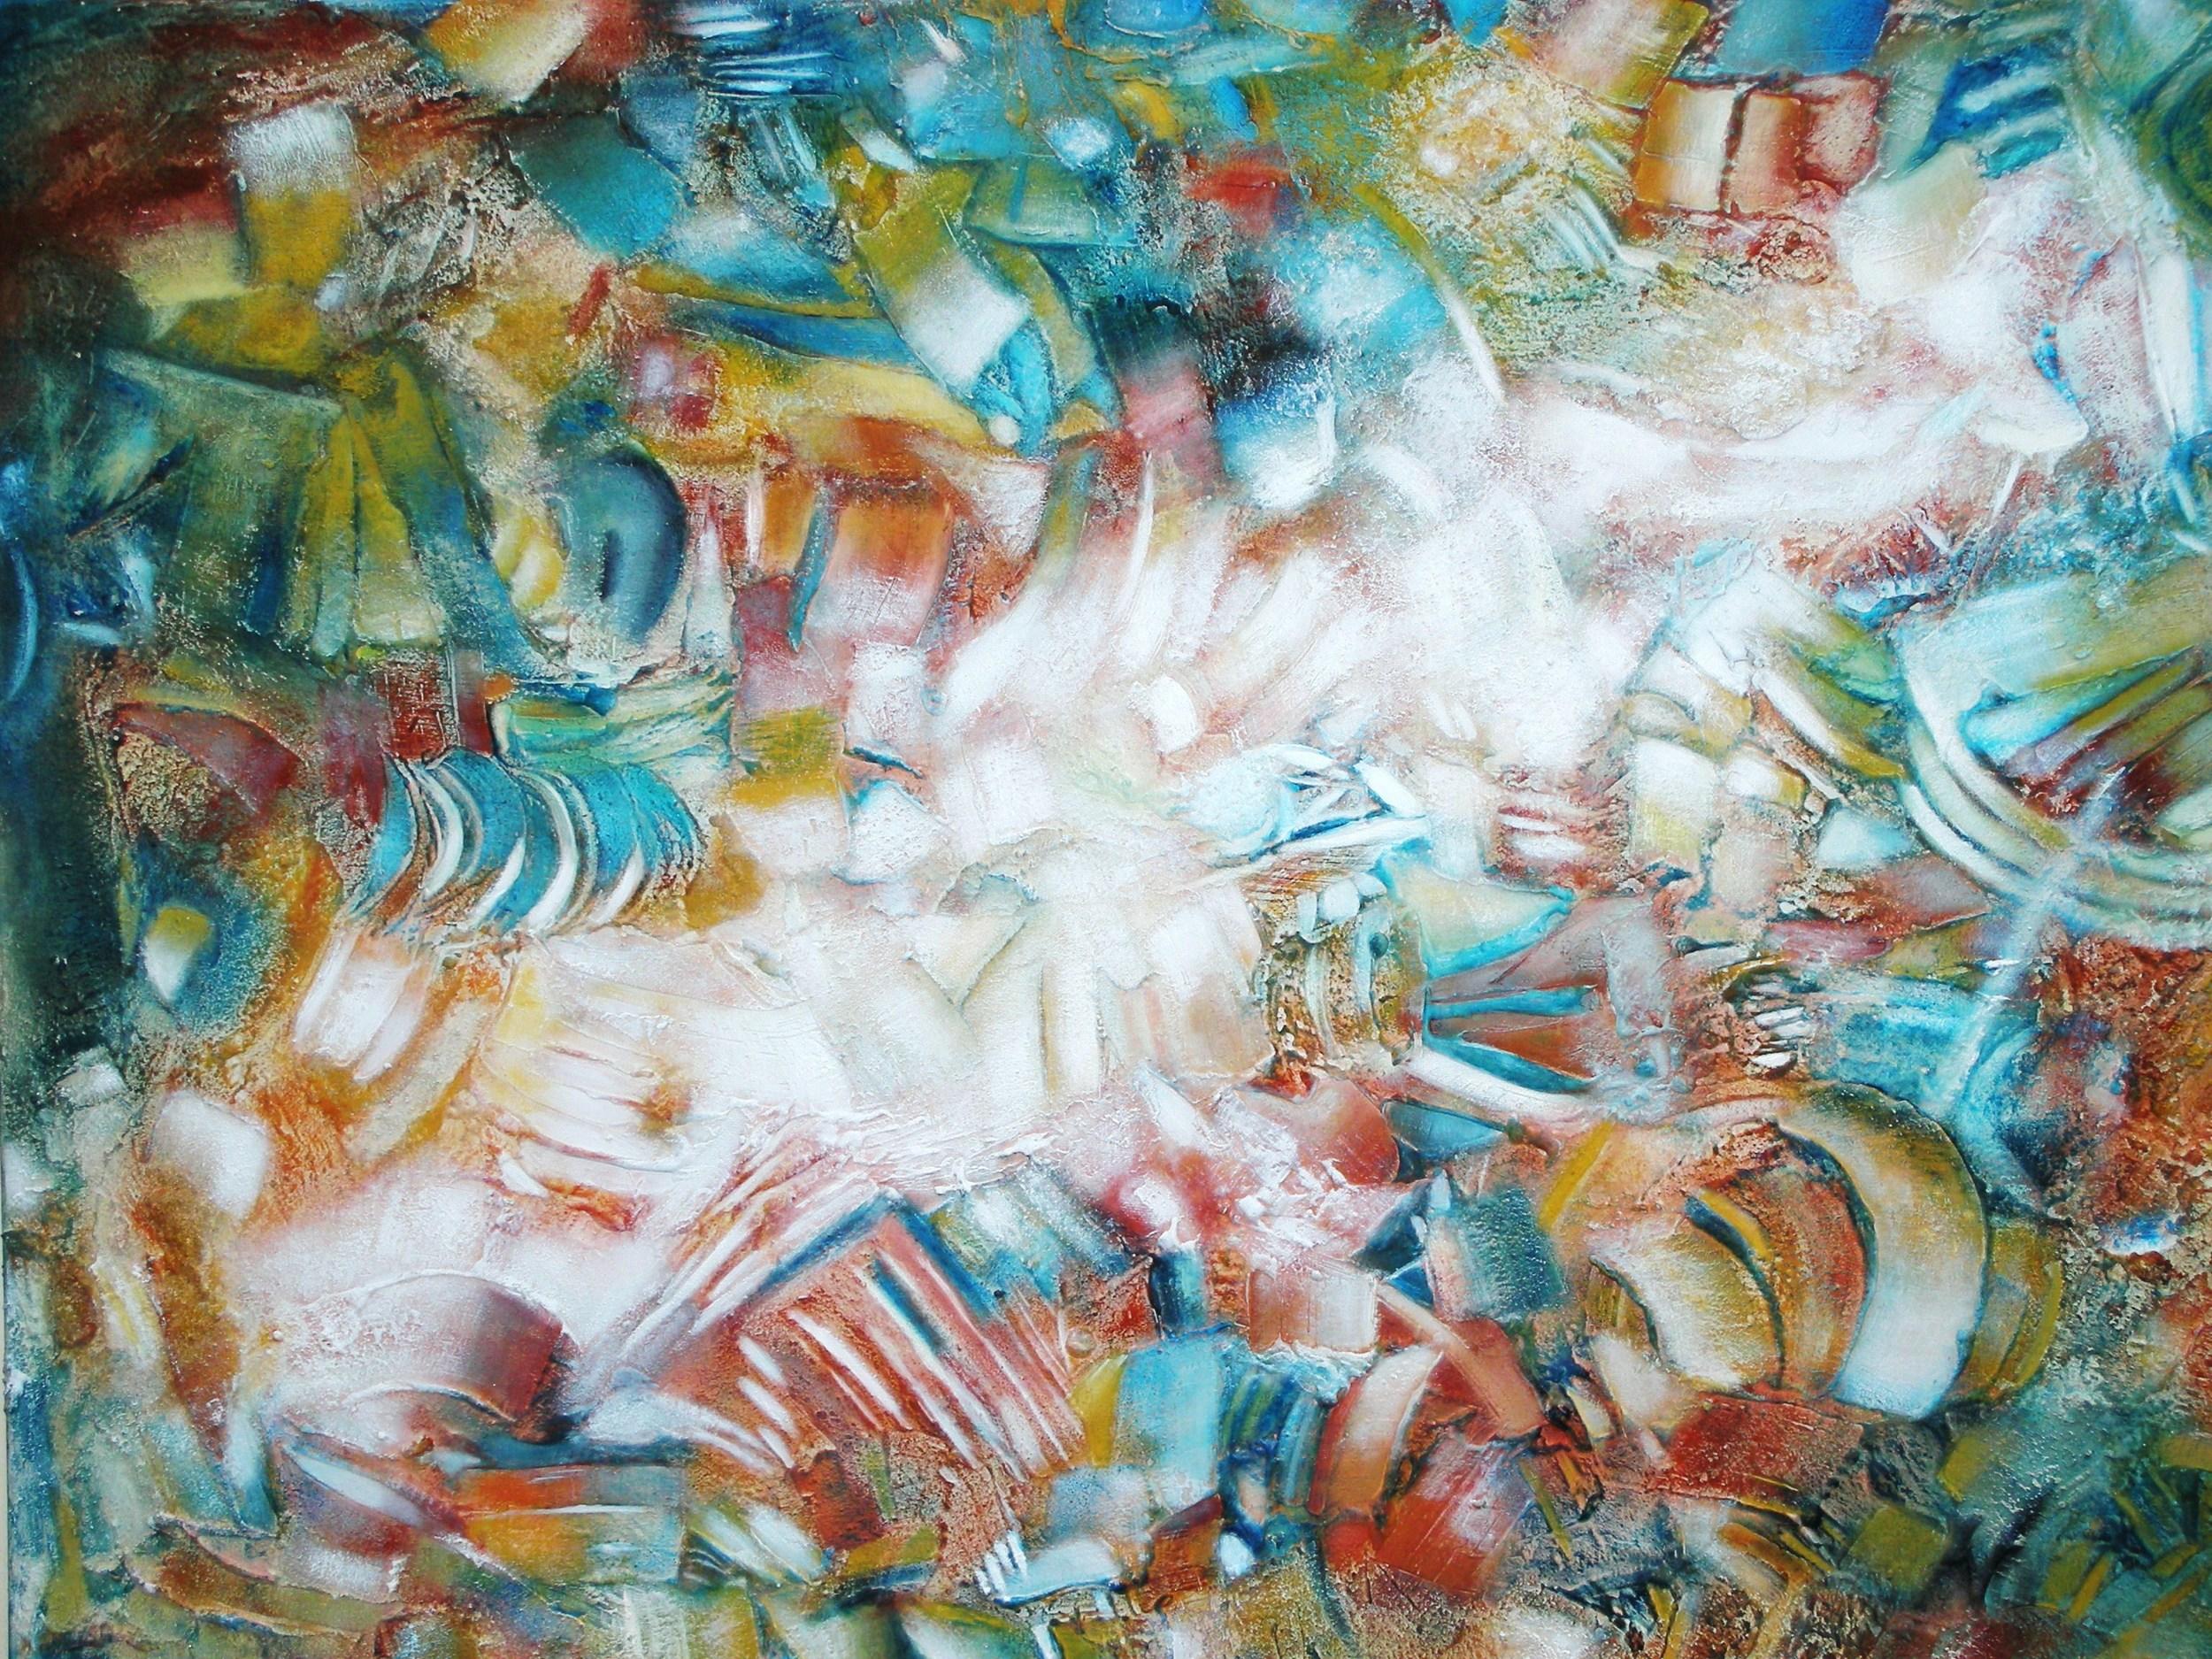 Memorias de un Pueblo Sagrado. 100 x 76 cm Sold / Vendido